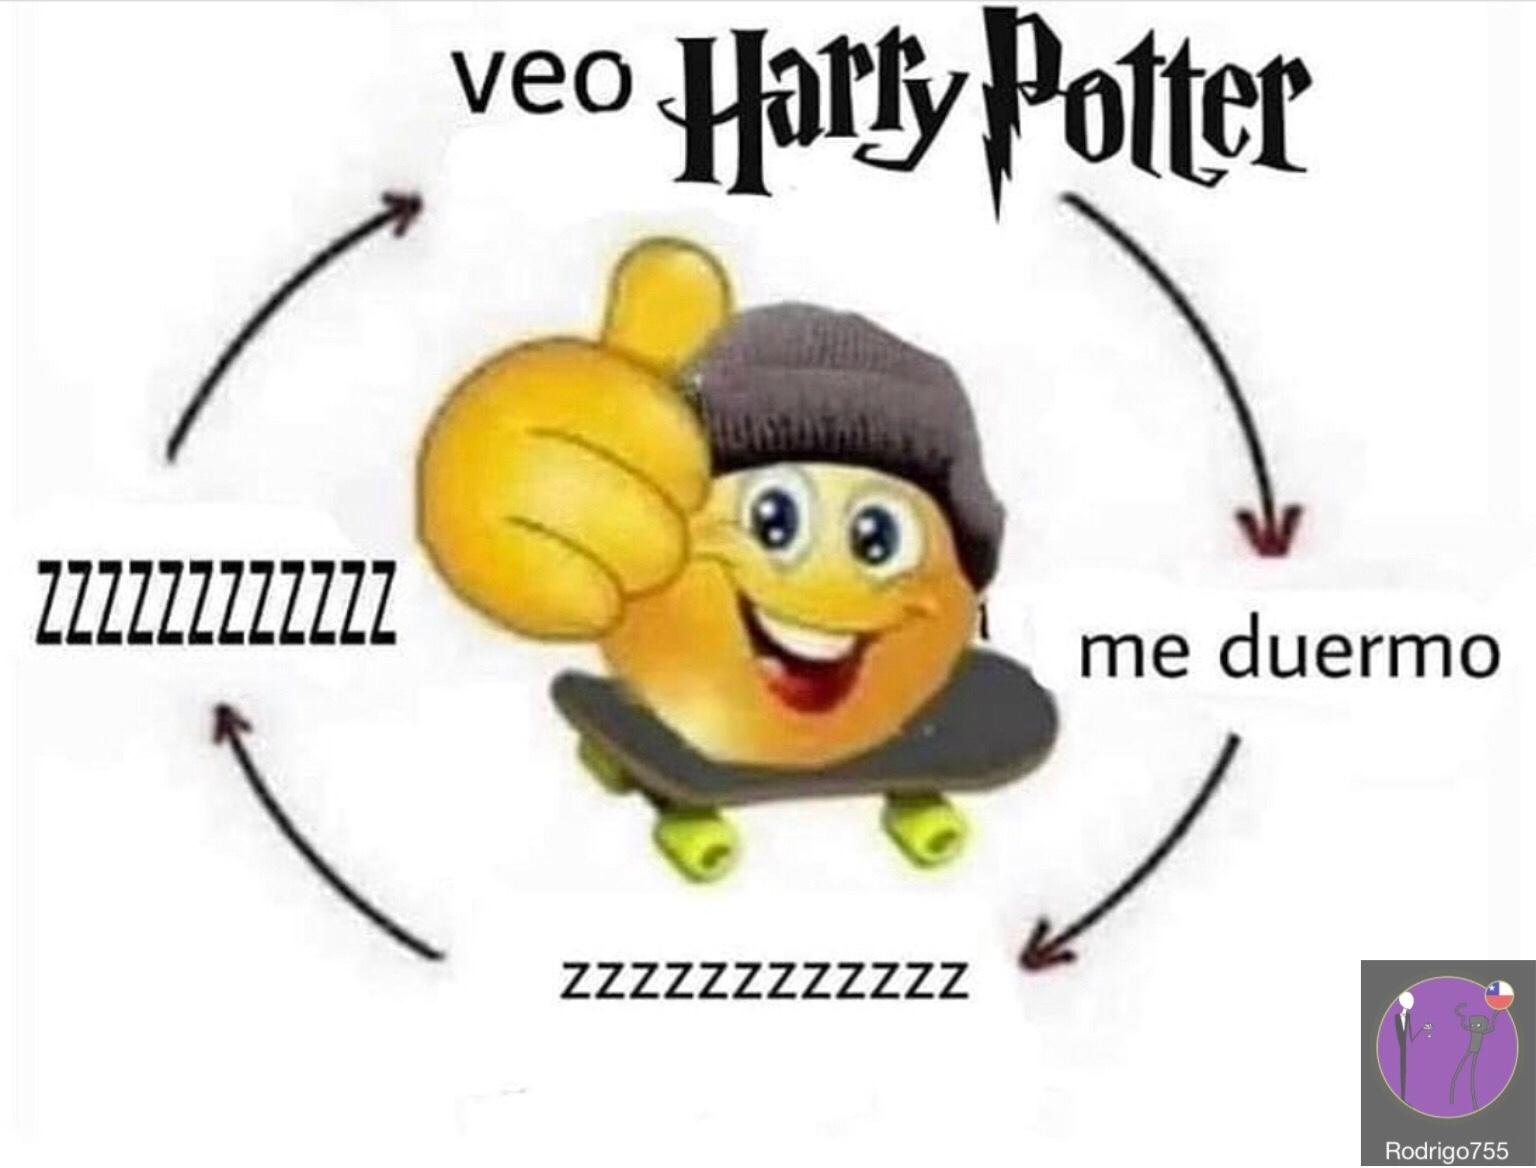 zzzzzzz - meme